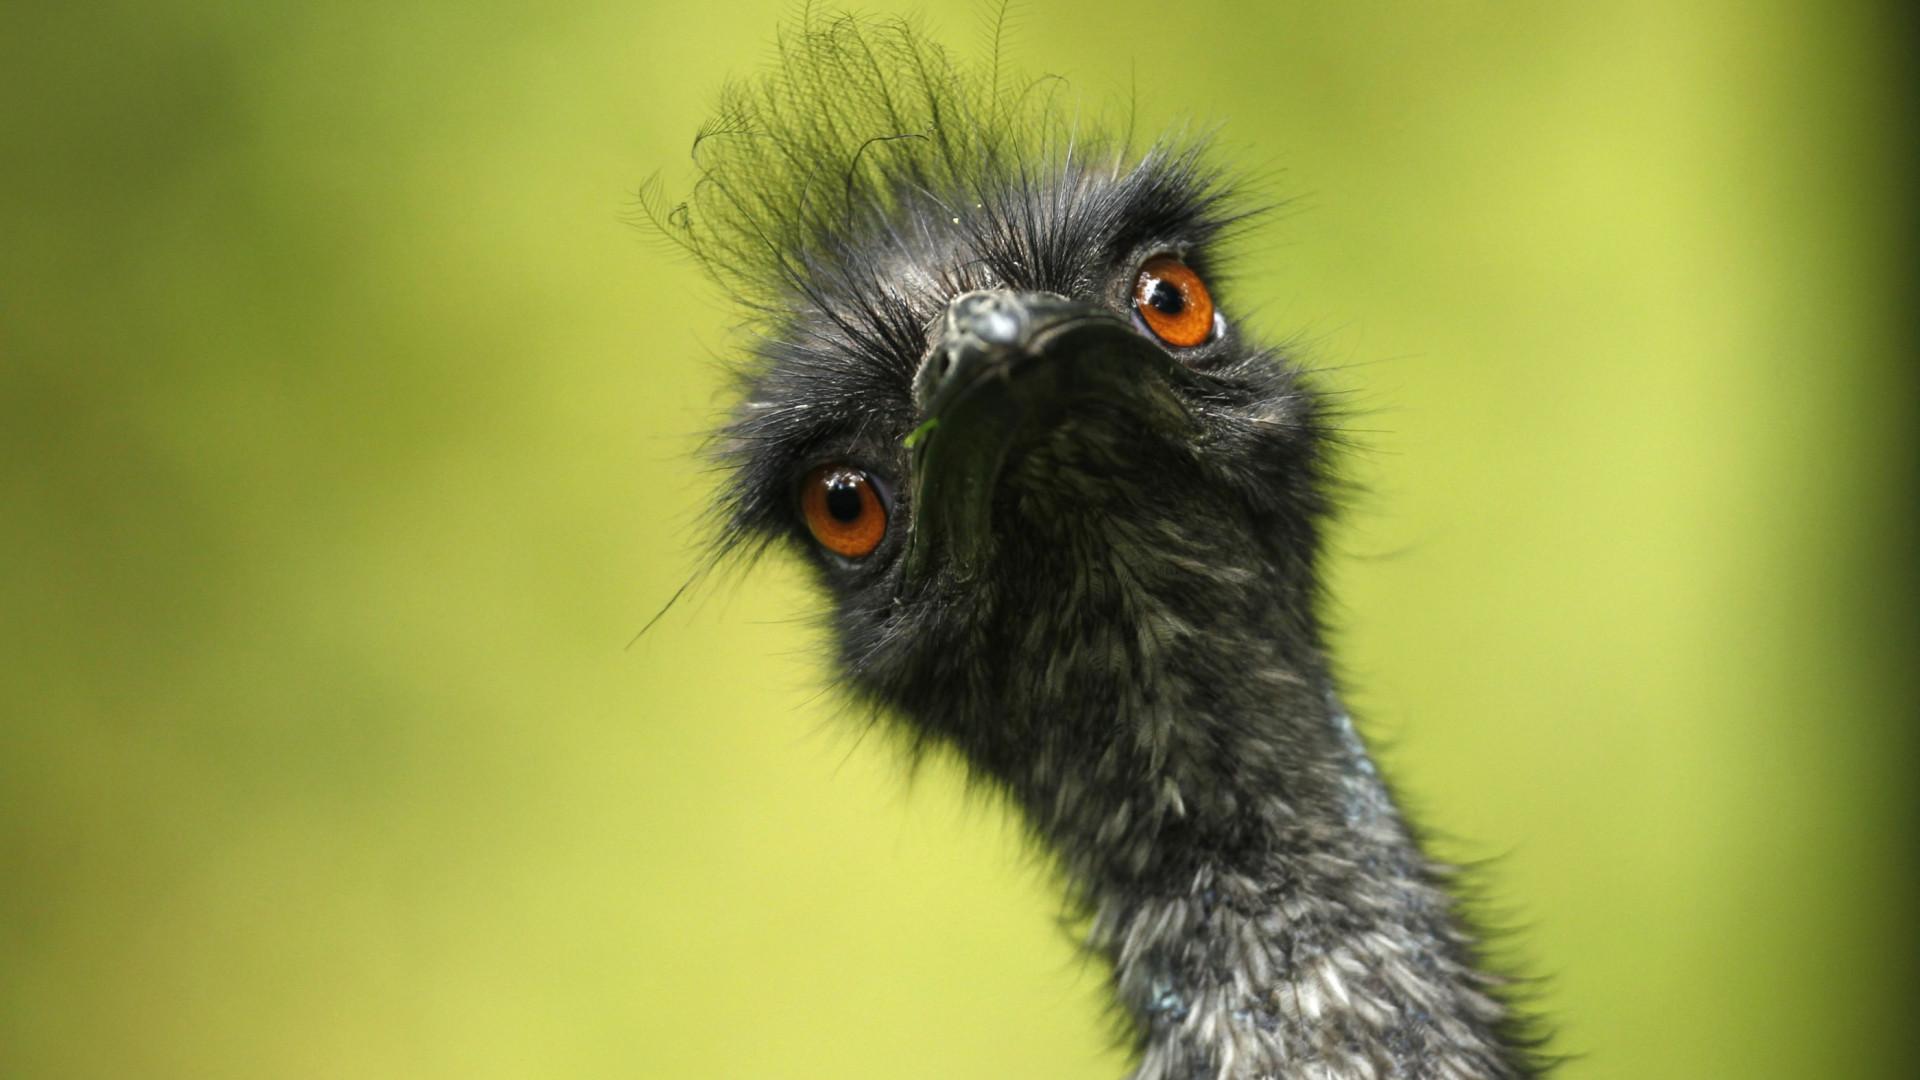 Devido à seca, esta ave nativa 'invade' ruas australianas